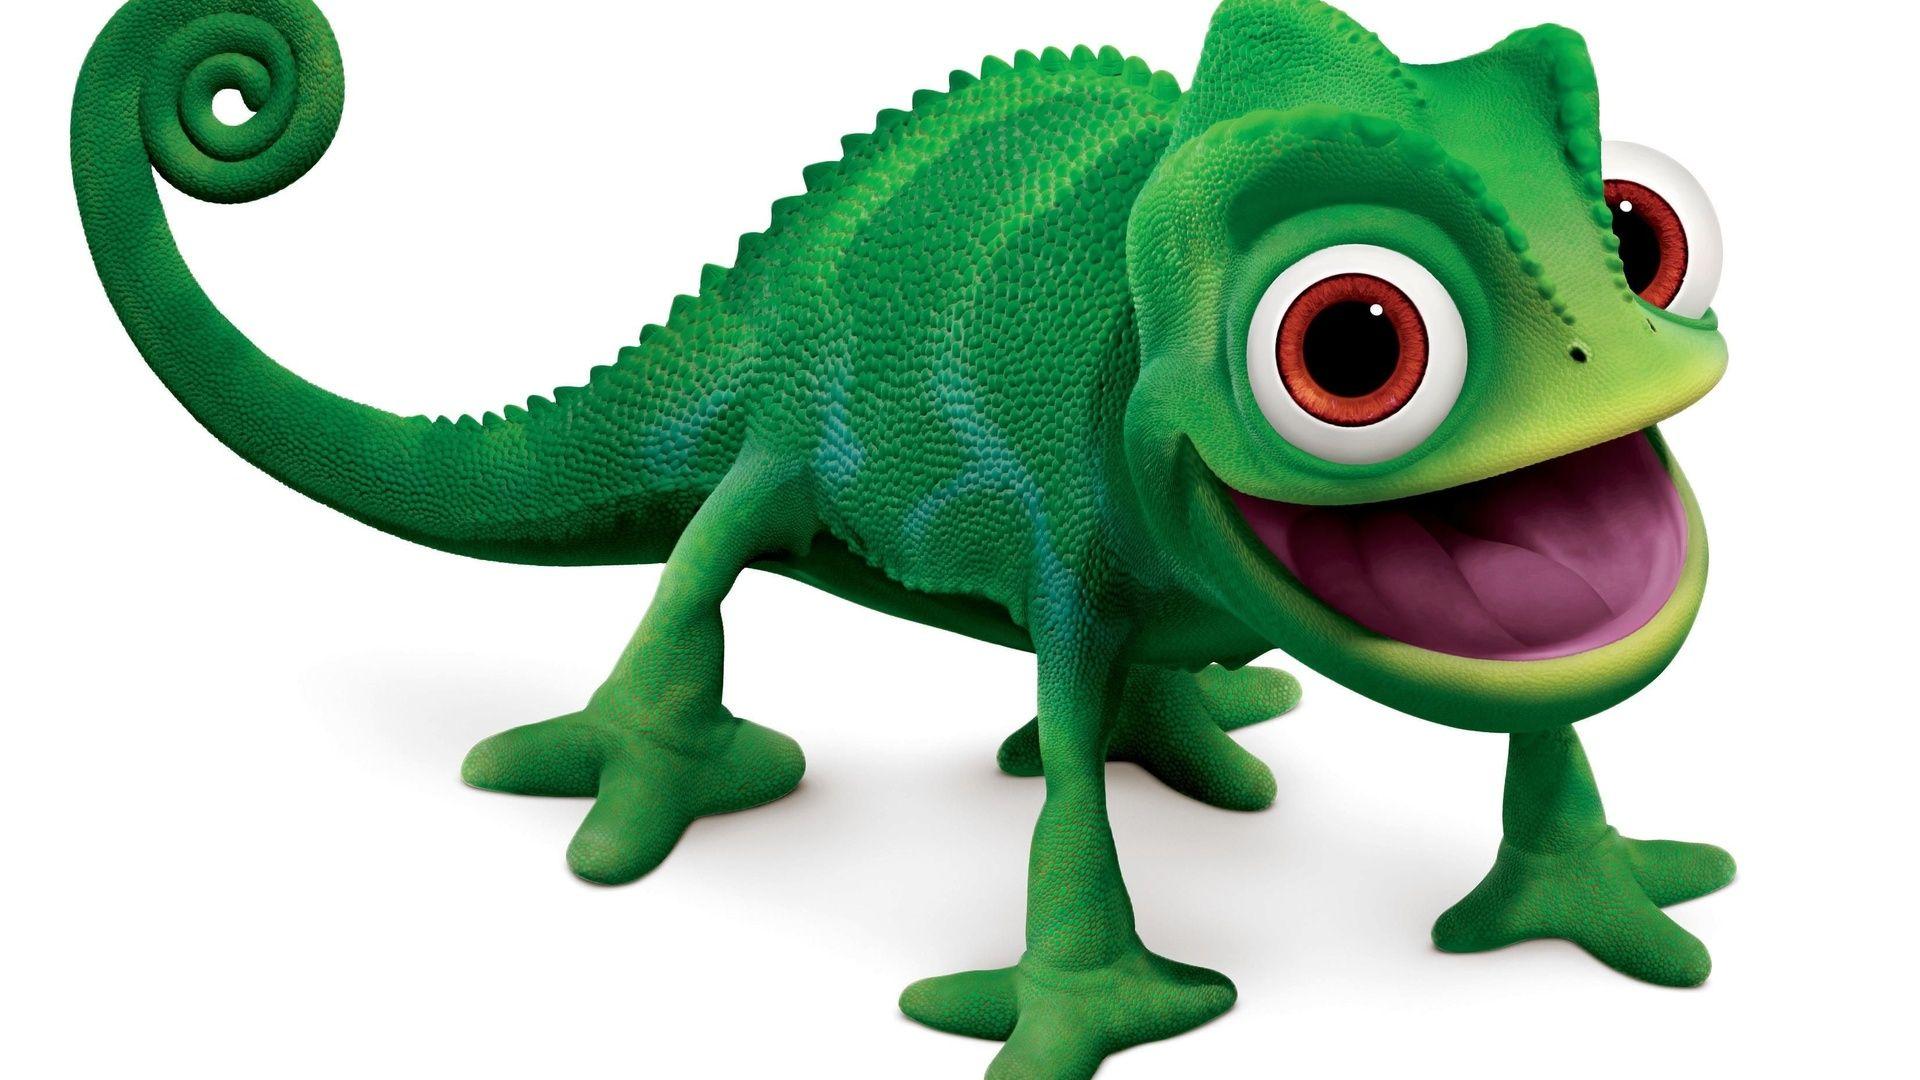 Chameleon clipart animated, Picture #170071 chameleon.